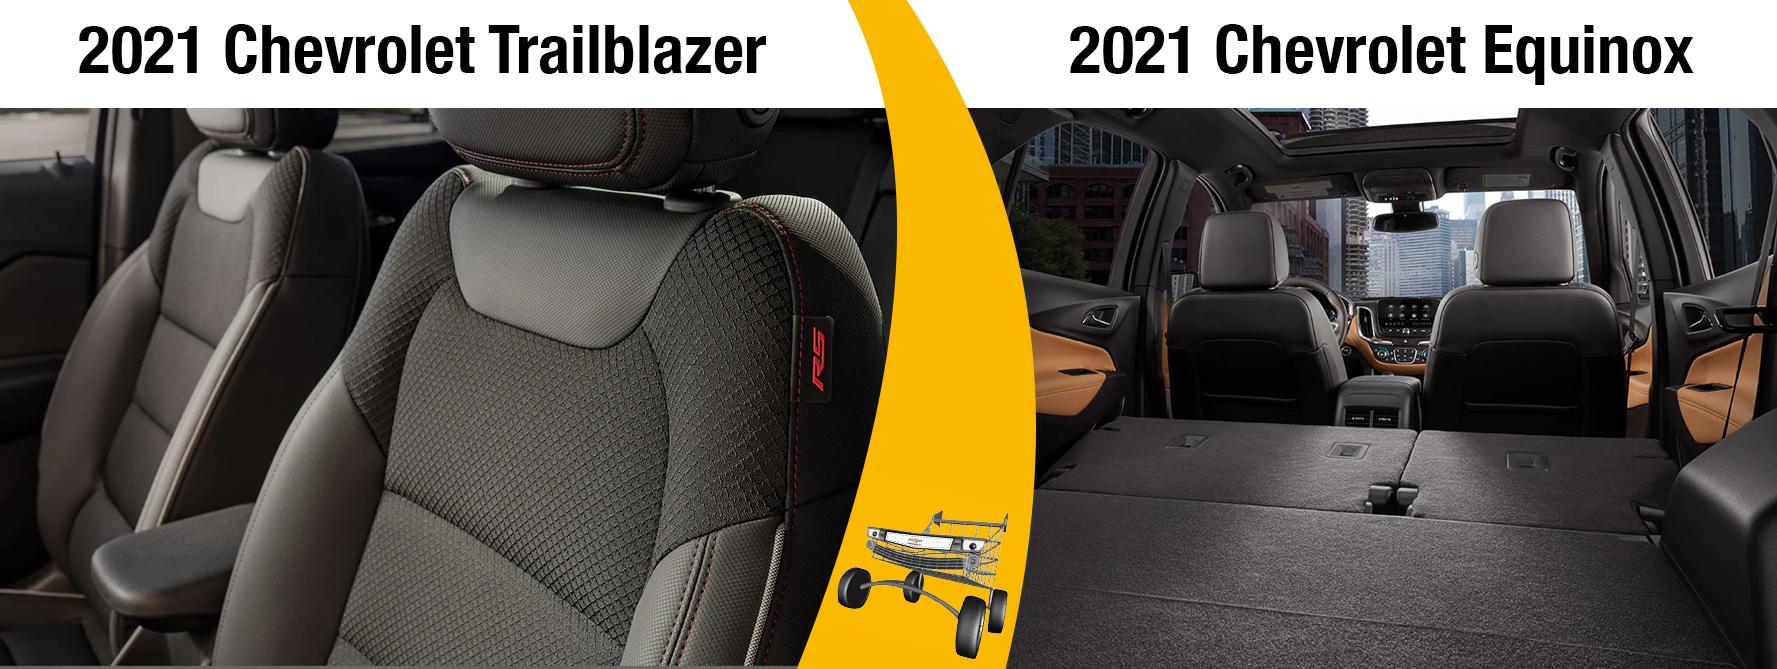 2021 Chevy Trailblazer vs 2021 Chevy Equinox Interior